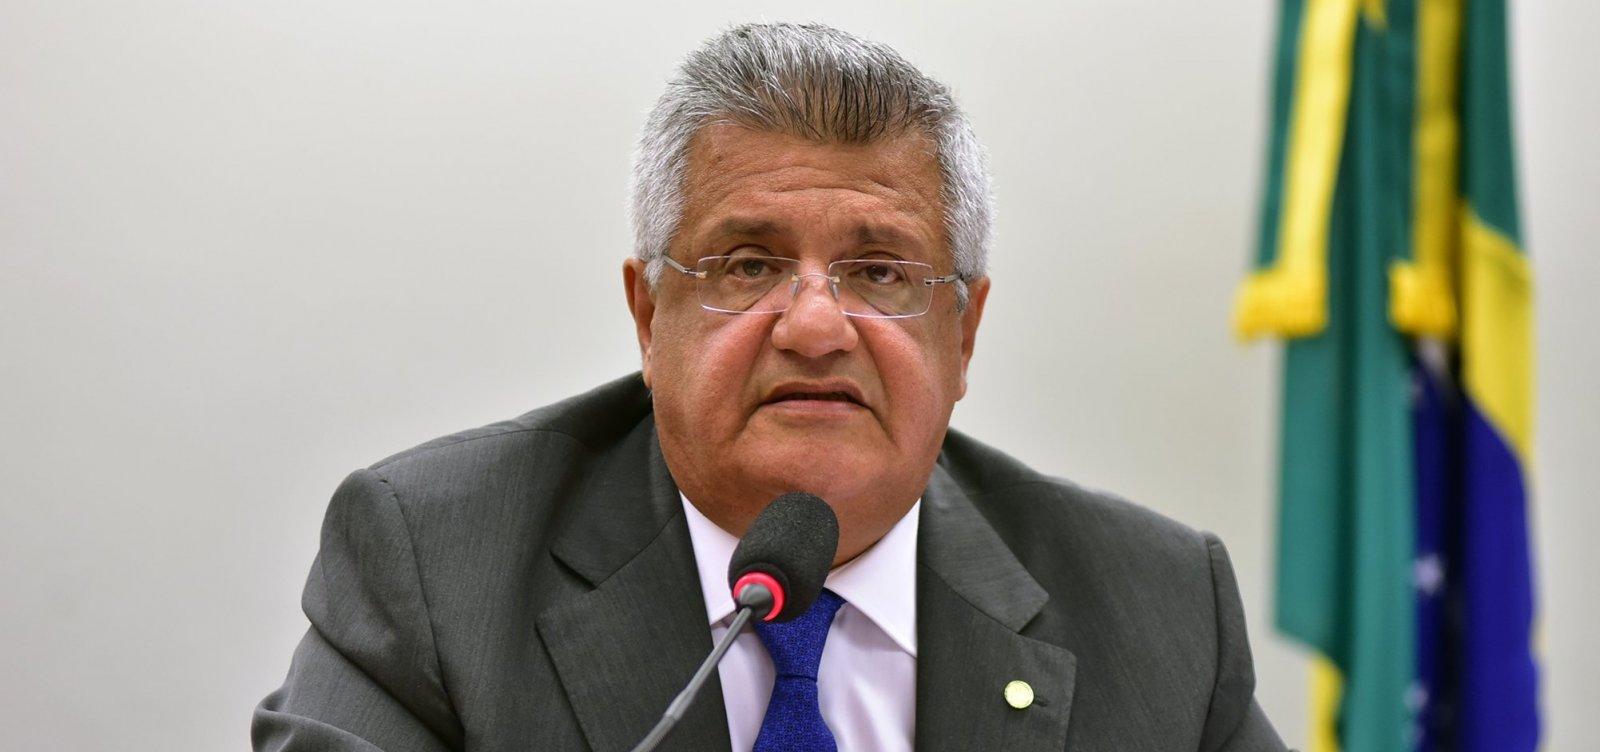 [Bacelar diz que fará oposição a Bolsonaro mesmo que Podemos decida apoiar presidente]